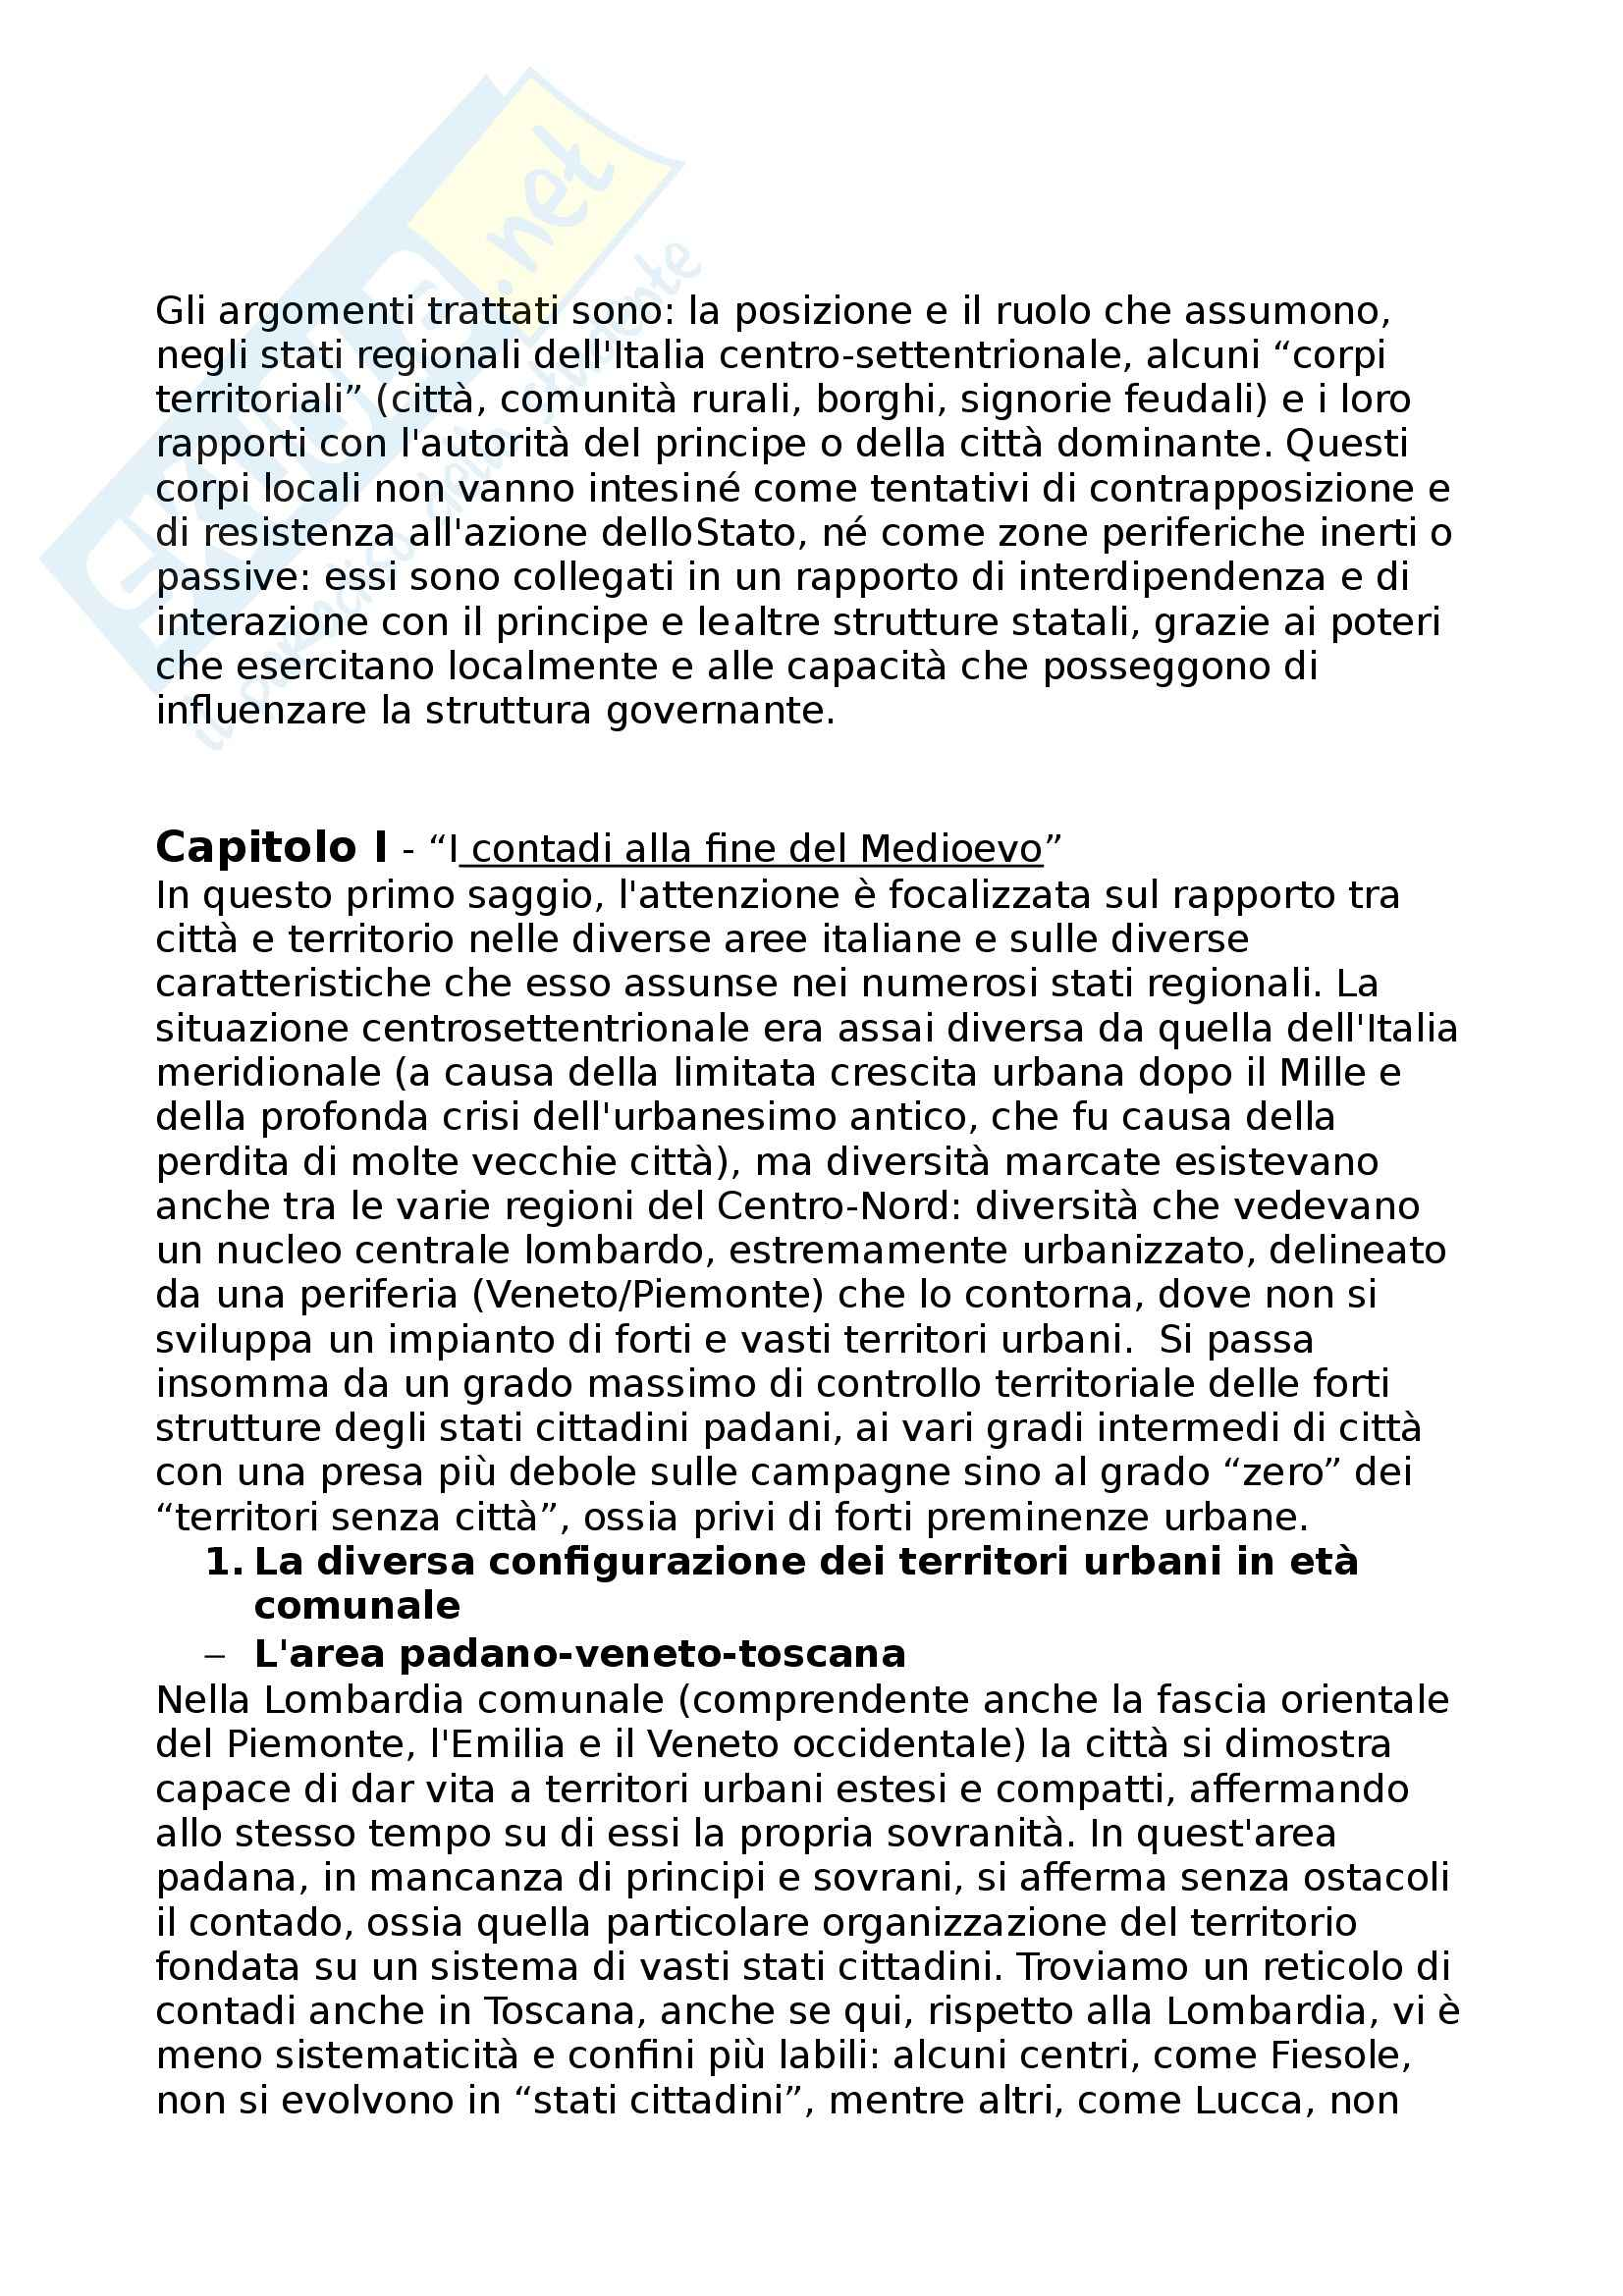 Riassunto esame Storia Medievale, prof. Chittolini, libro consigliato Città, Comunità e Feudi di Chittolini